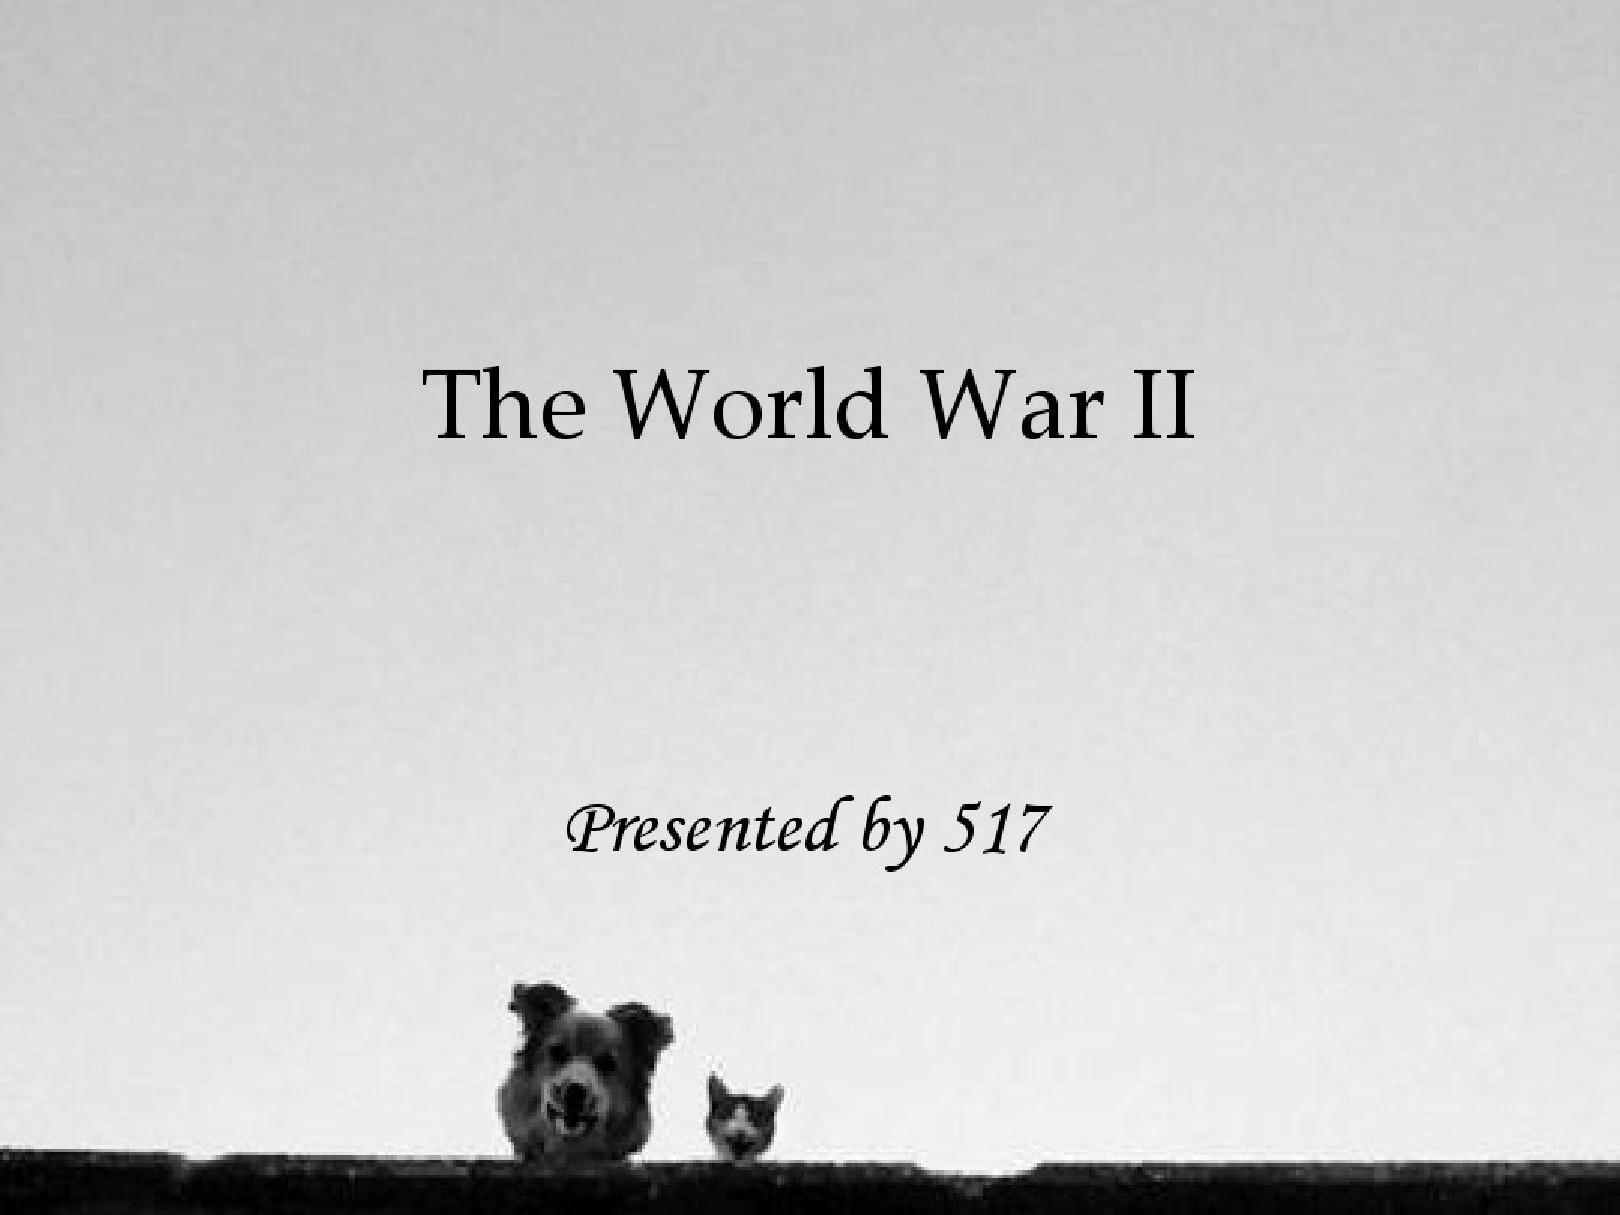 第二次世界大战英语原创